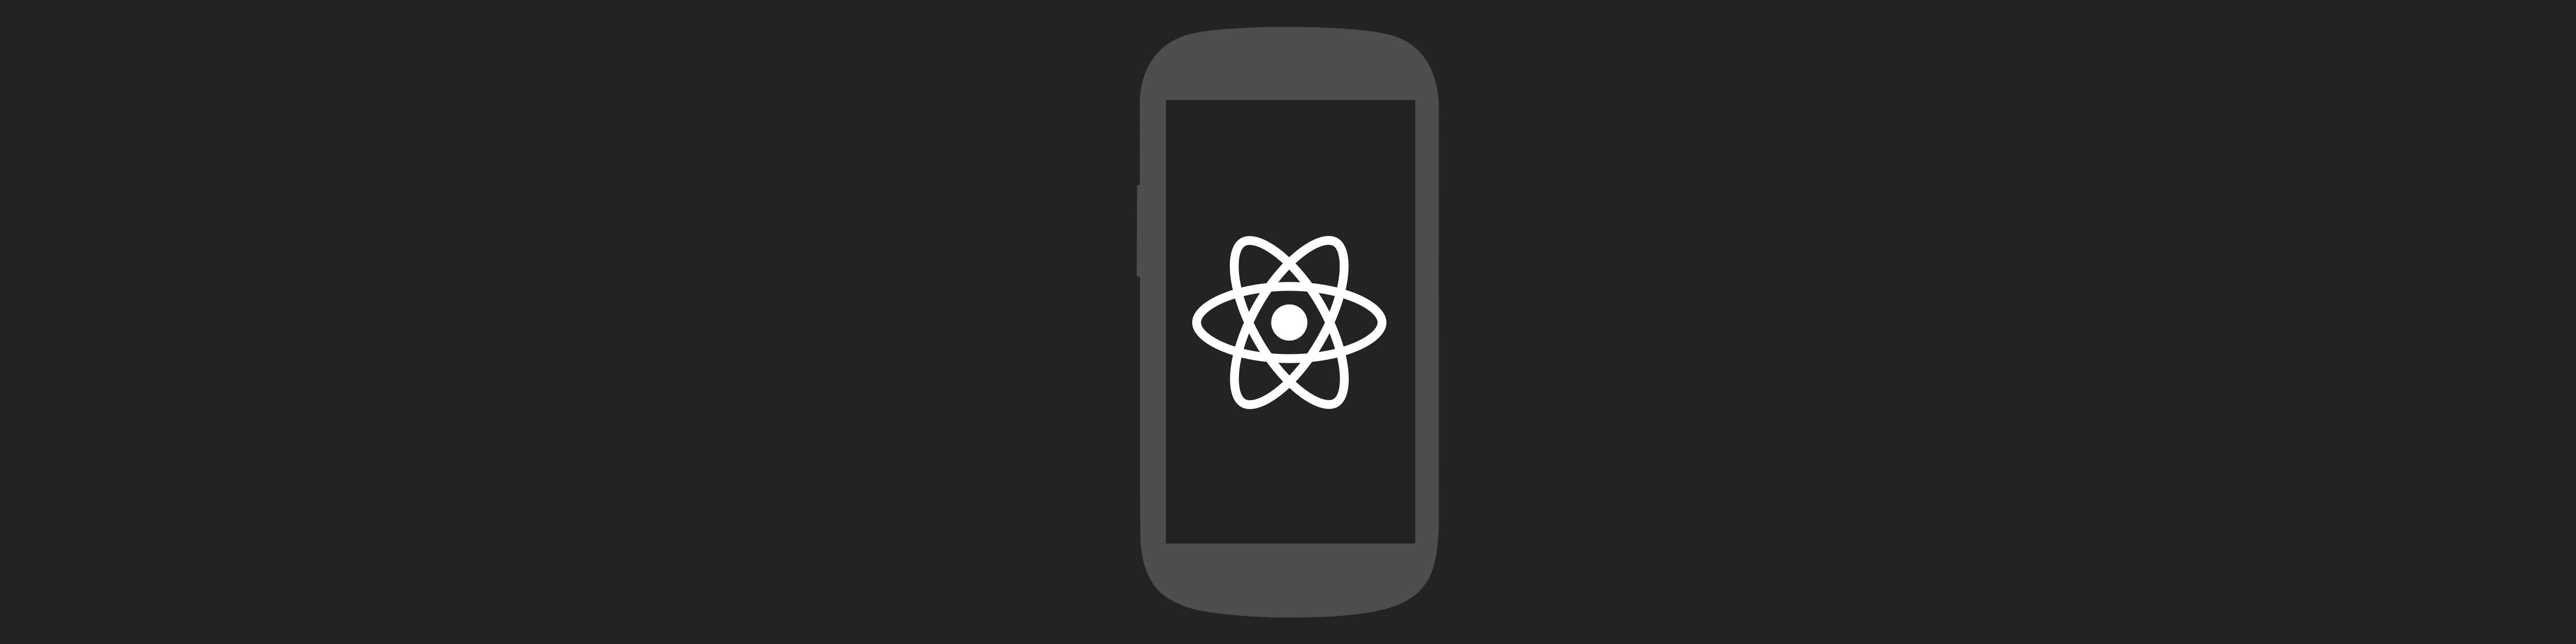 Introduction à Immutable.Js, Relay + GraphQL et React Native